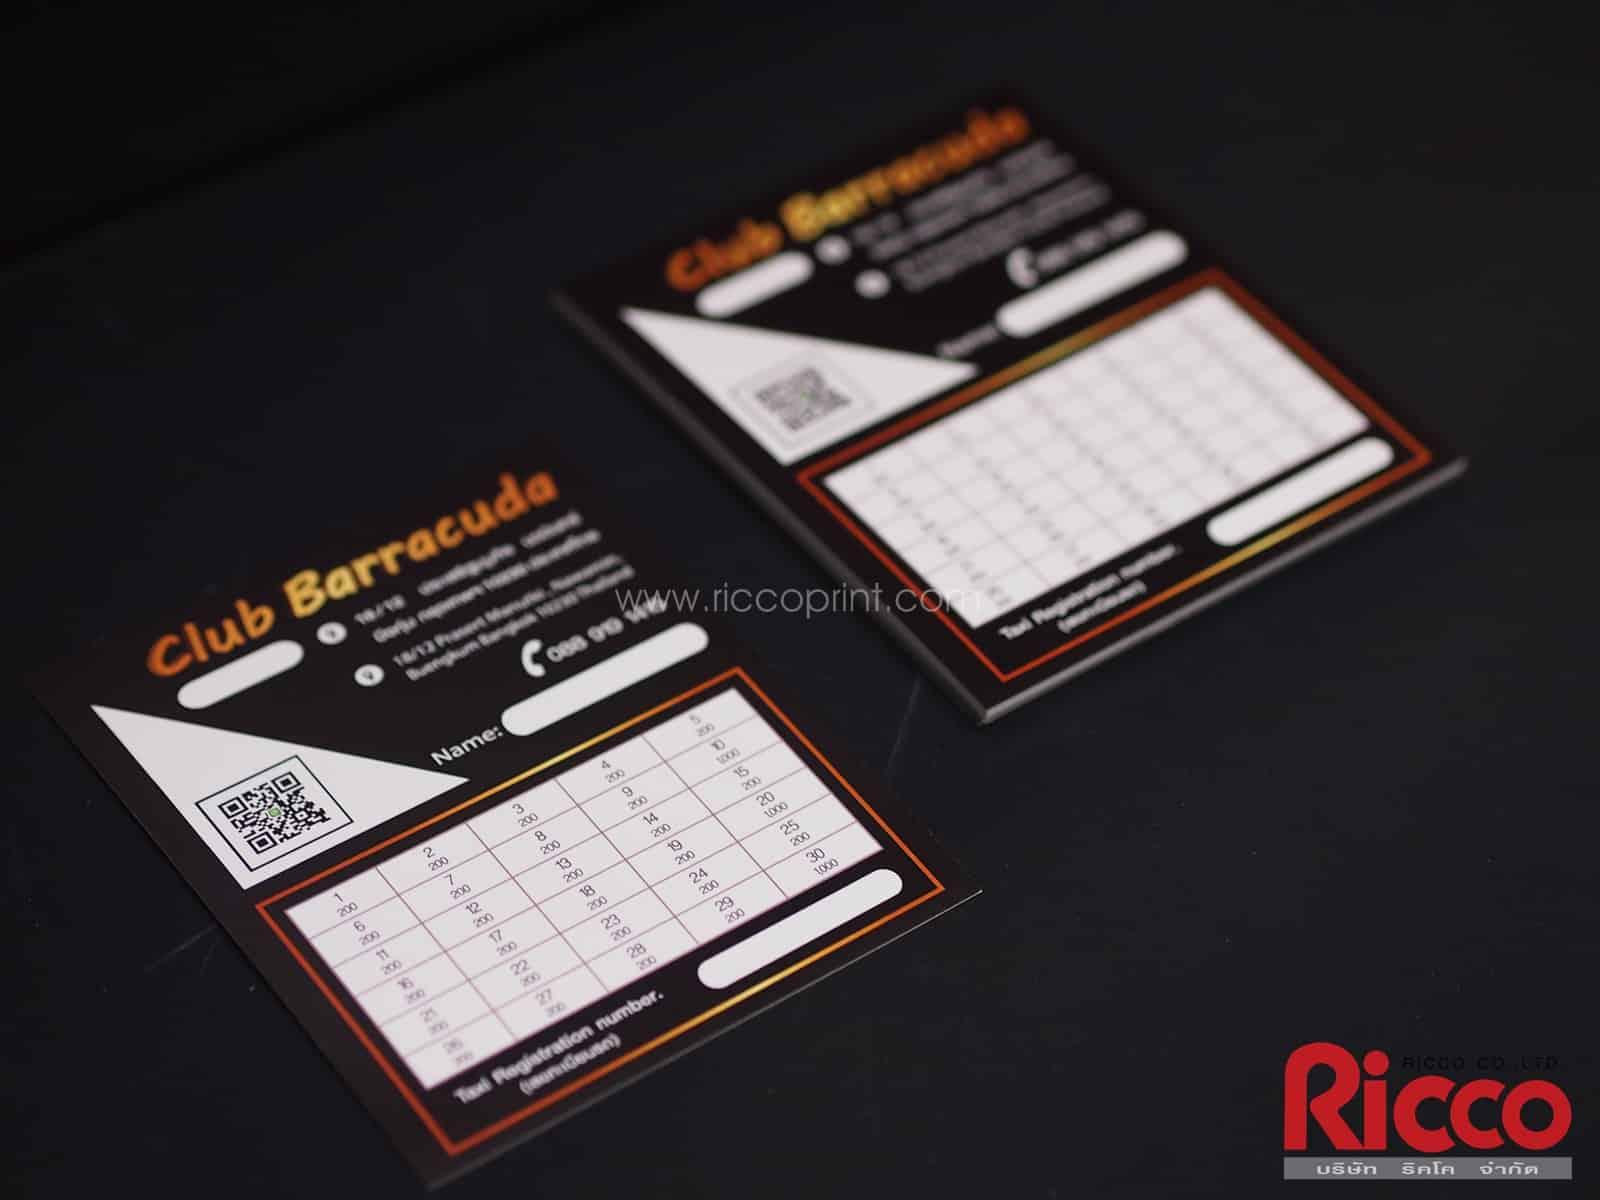 รูป Card6 - ประกอบเนื้อหา คูปอง บัตรกำนัล ตั๋ว